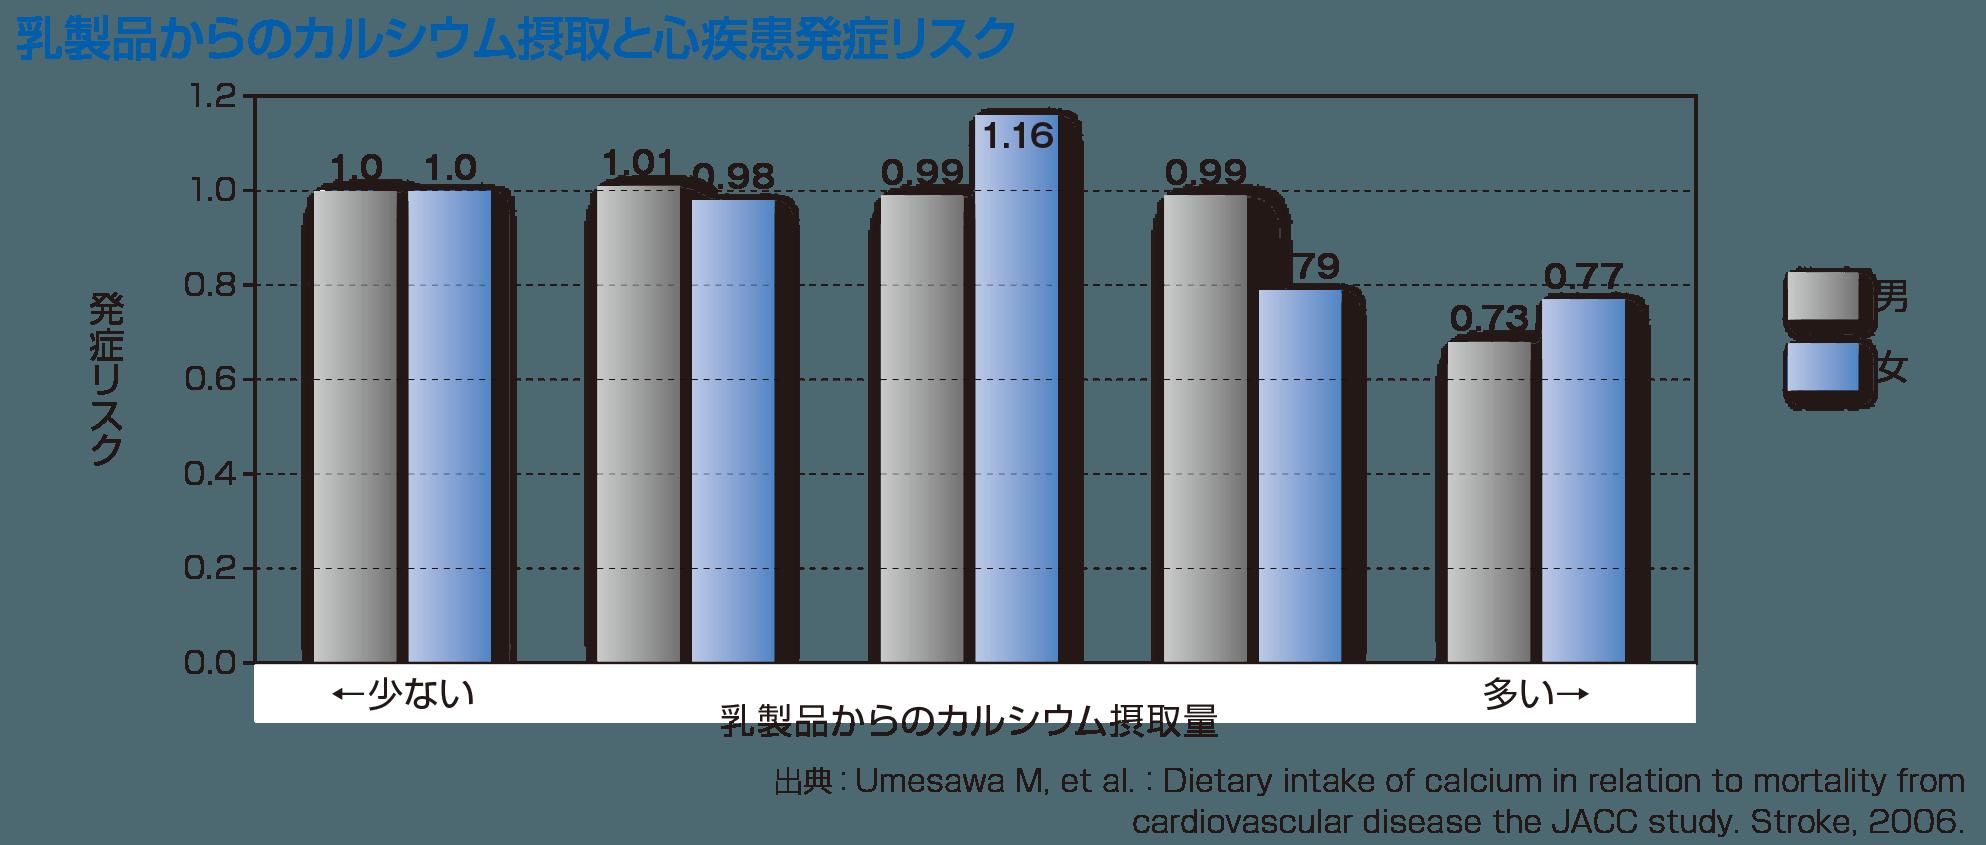 70歳時の牛乳飲用習慣別10年間の生存率